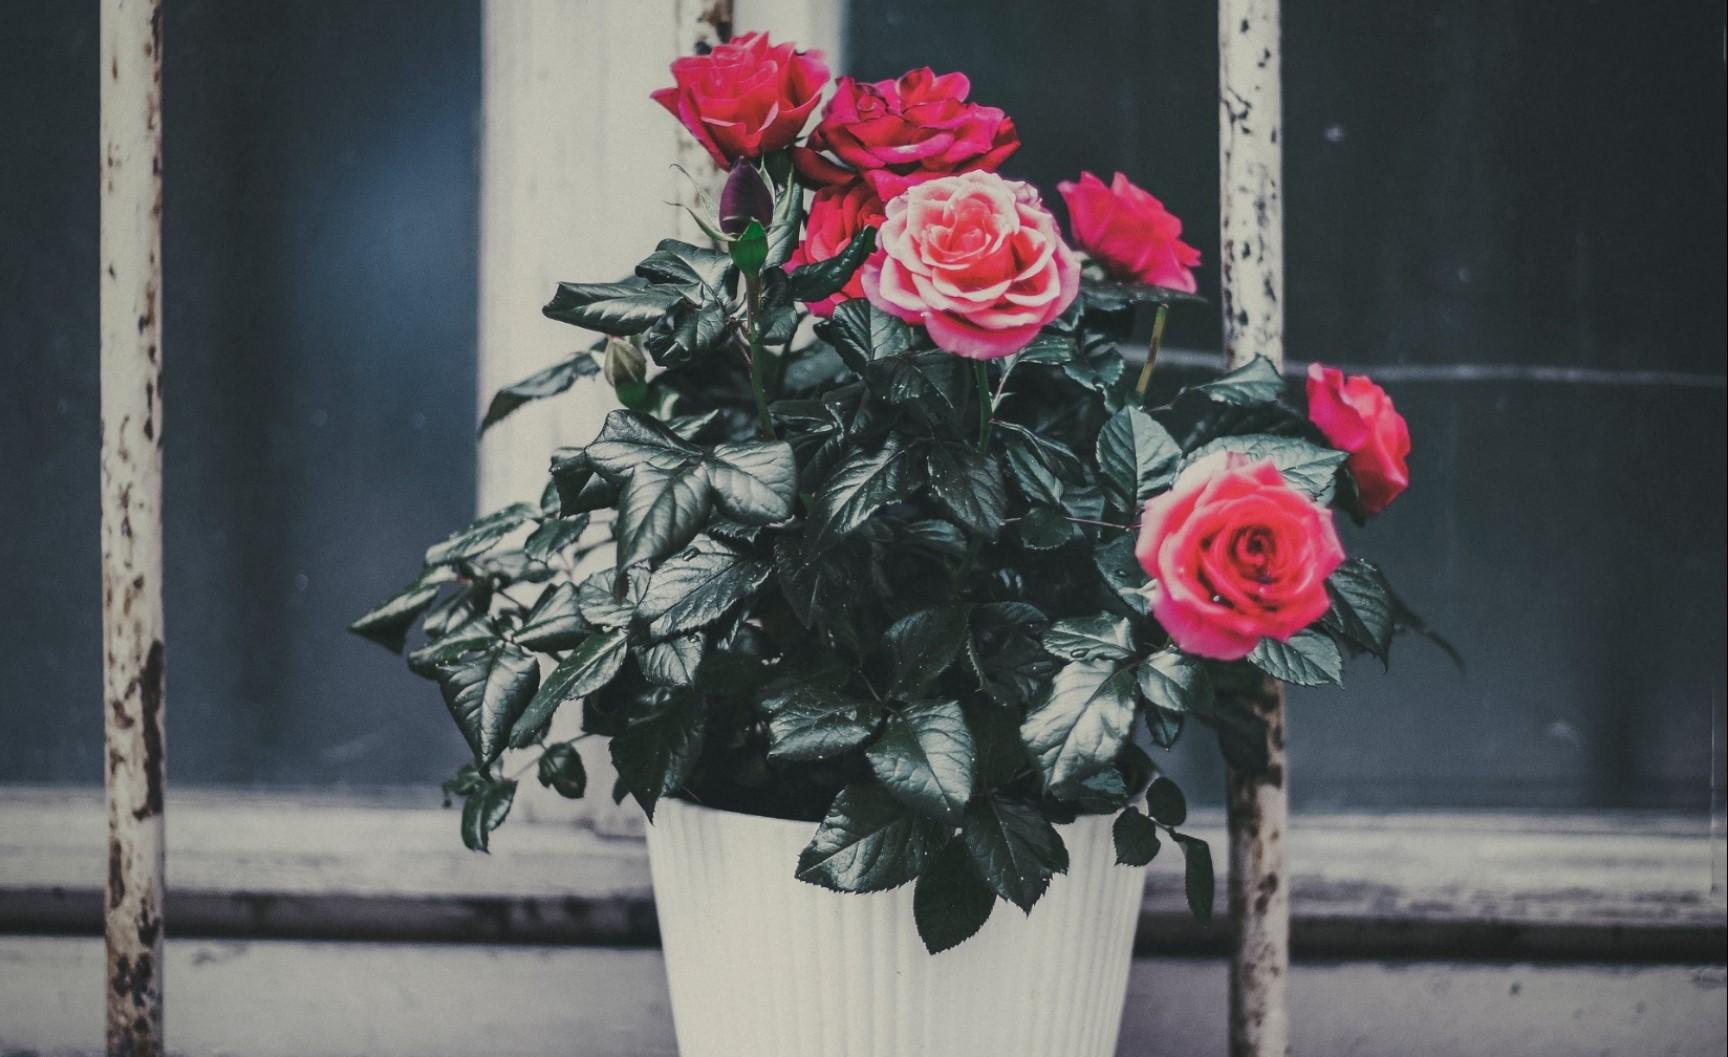 Купили розу в горшке как ухаживать